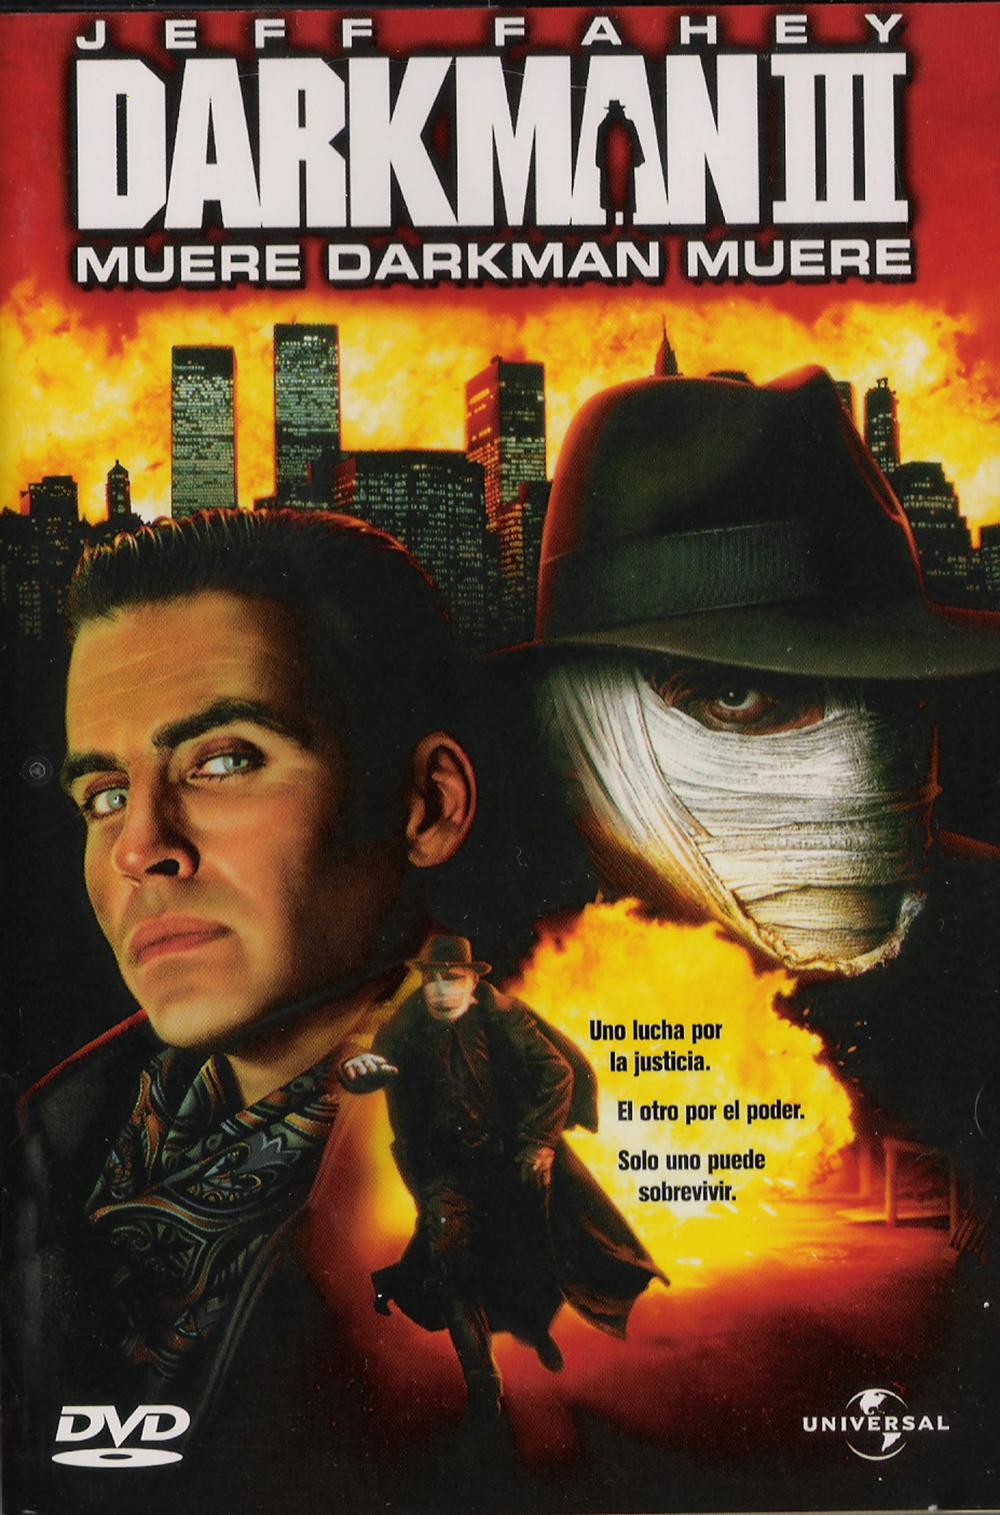 Darkman 3 - Die Darkman Die affiche